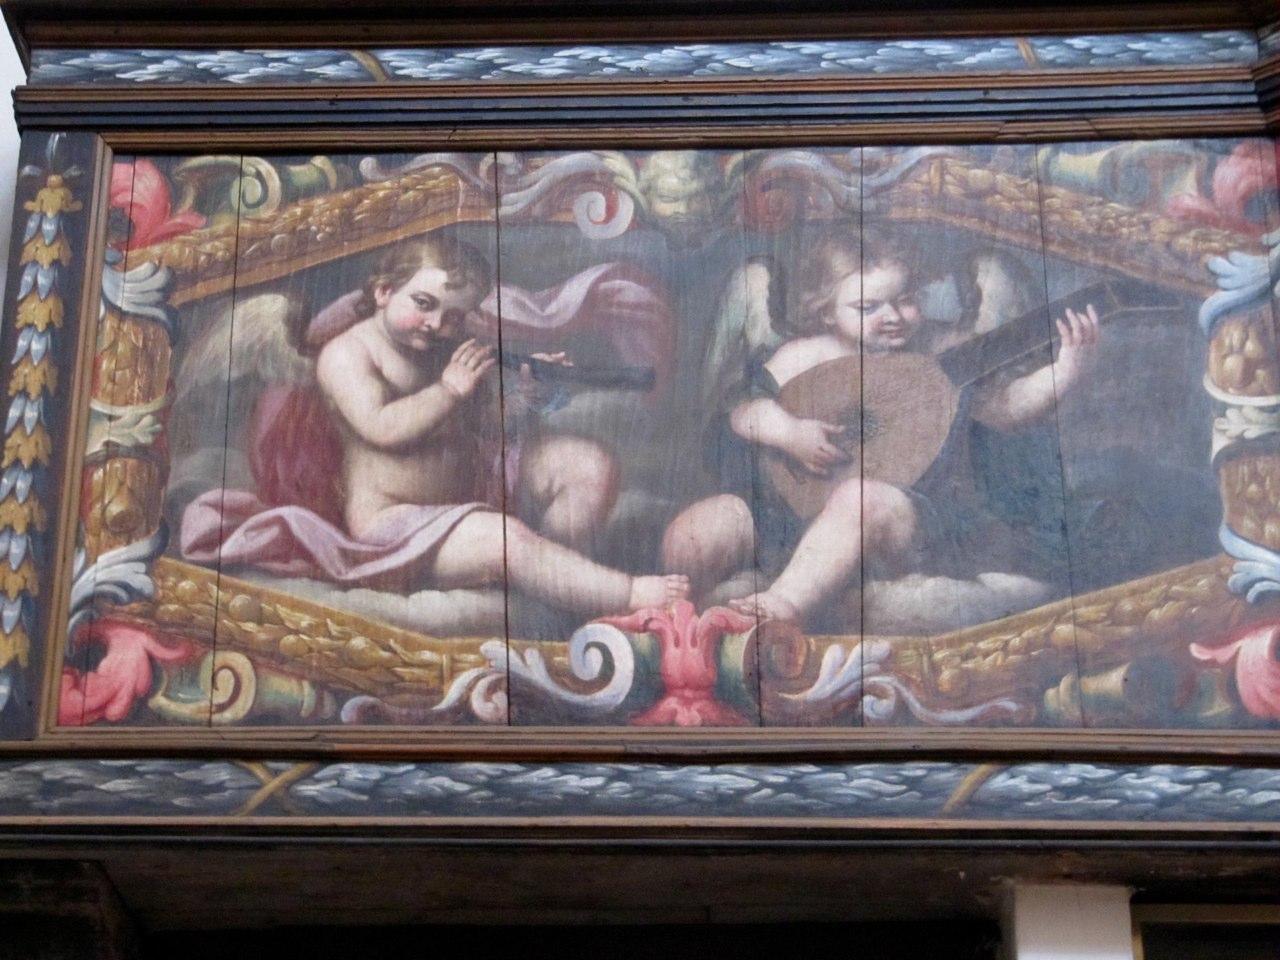 Romagnano Sesia, Chiesa della Madonna del Popolo, Painting on the cantoria of the organ by Tarquinio Grassi